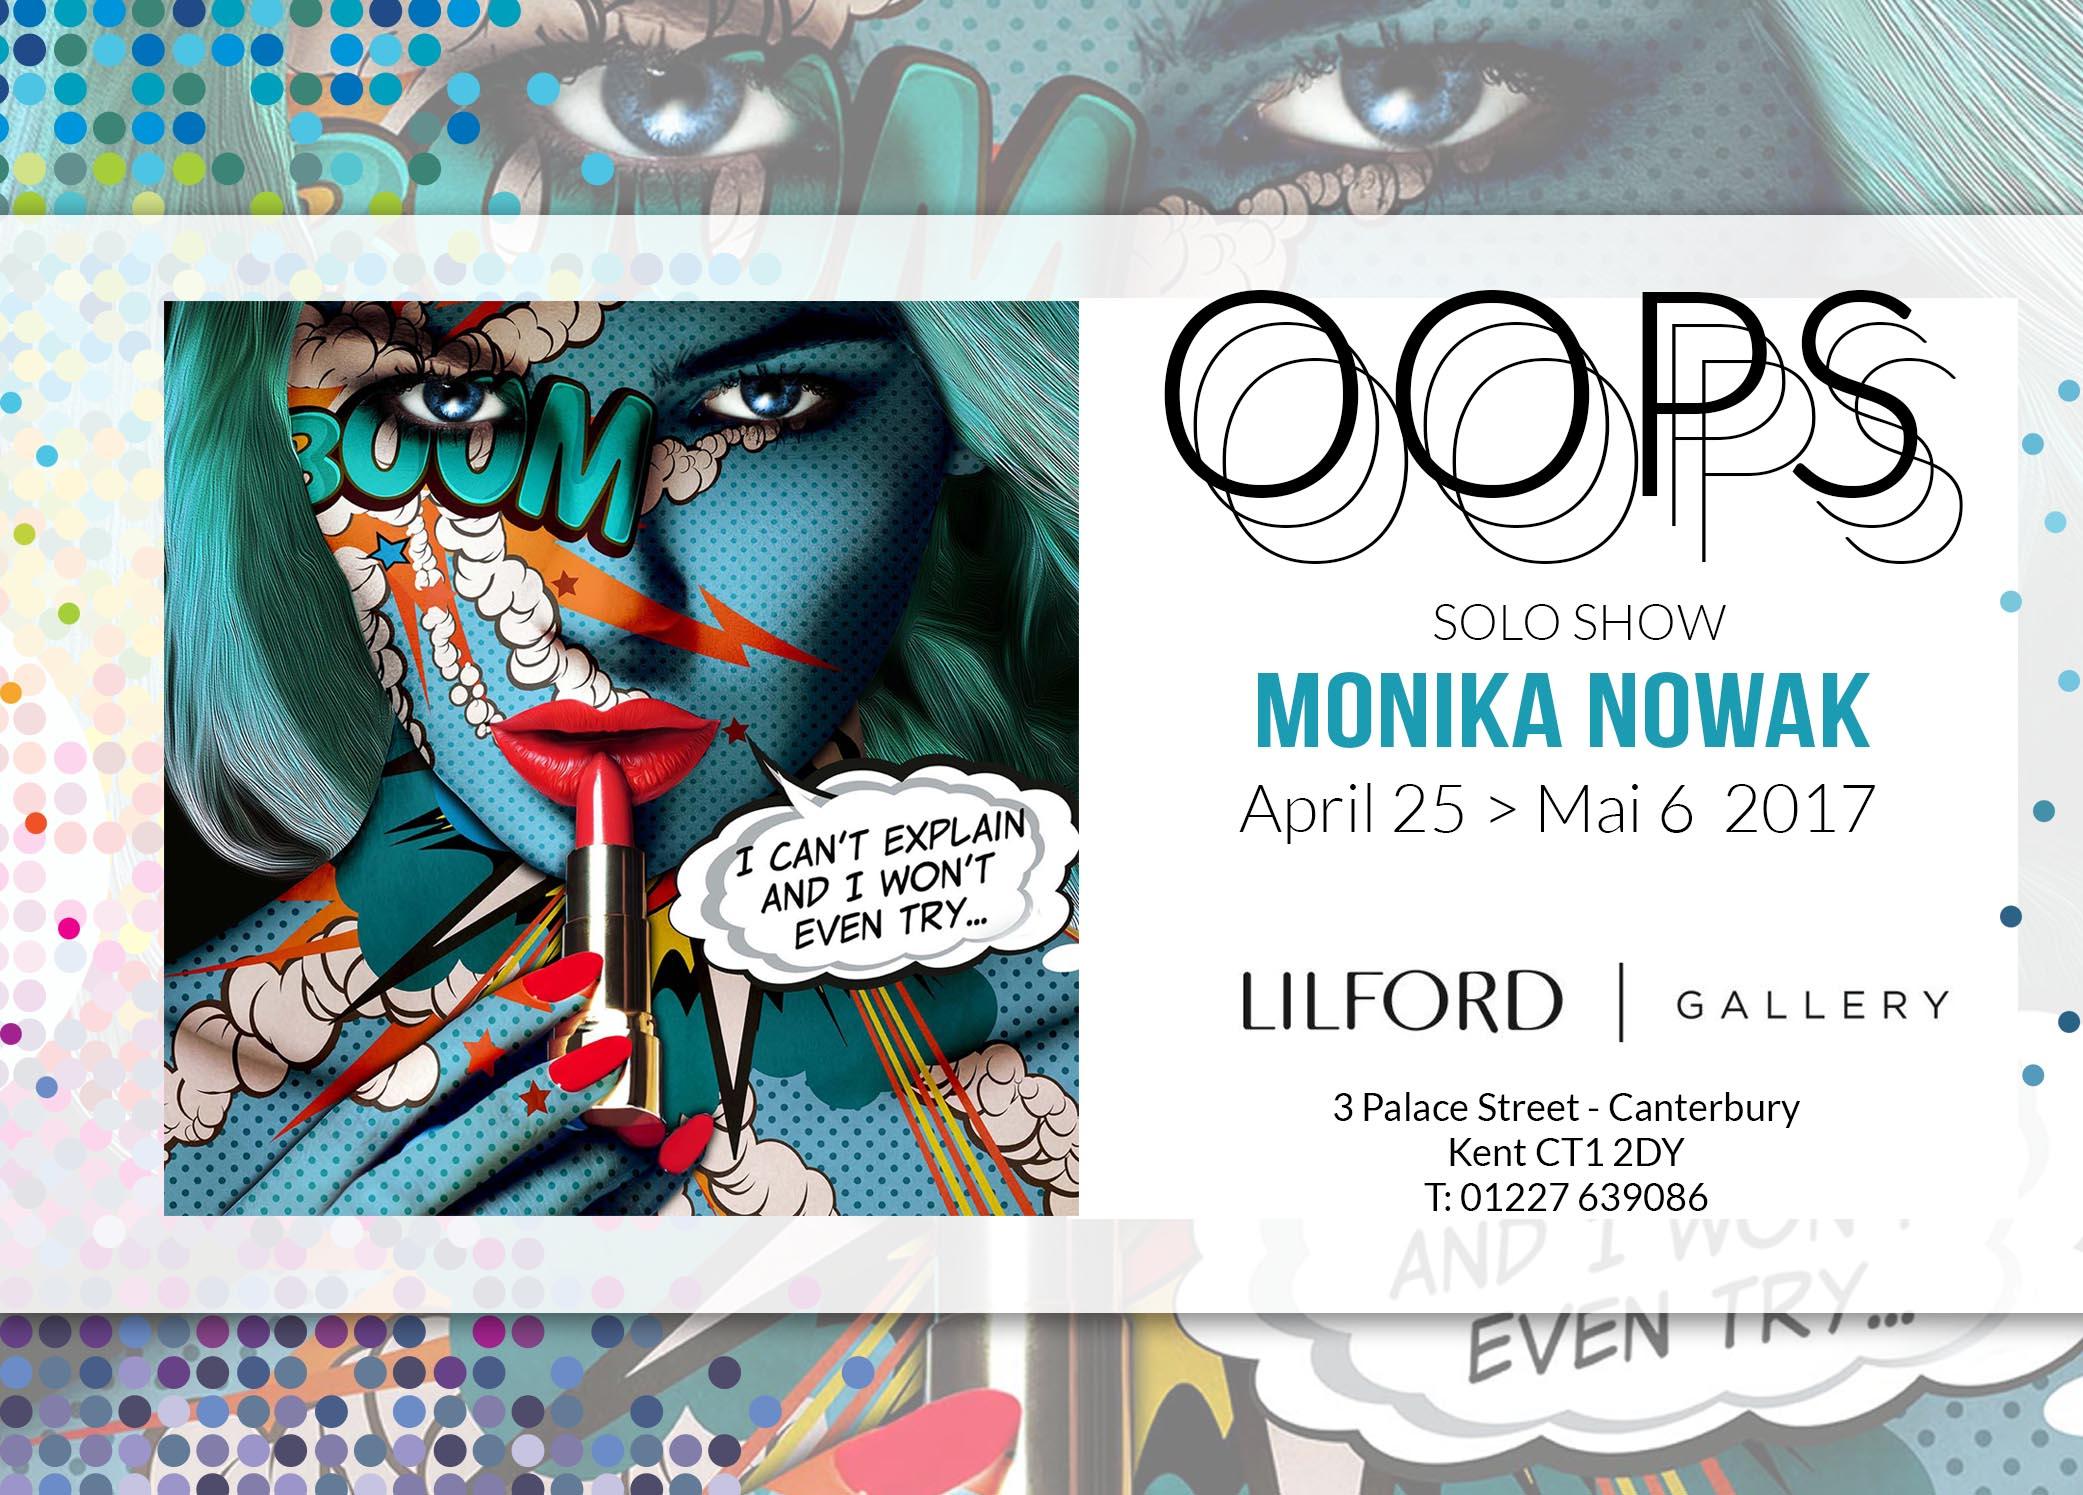 invitation OOPS